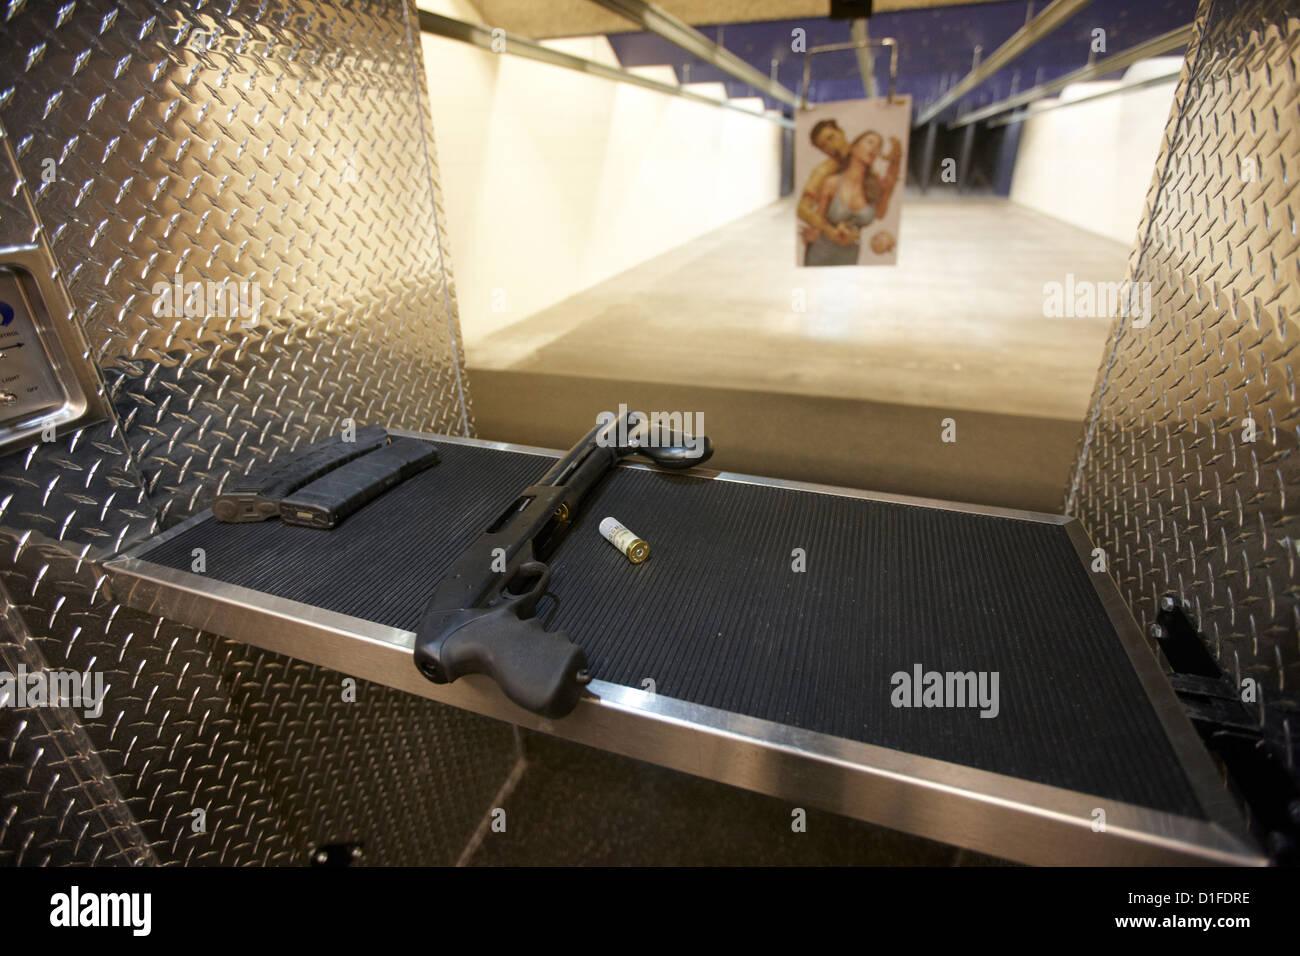 Agression de calibre 12 fusil tactique à une gamme d'armes à feu à las vegas nevada usa Photo Stock